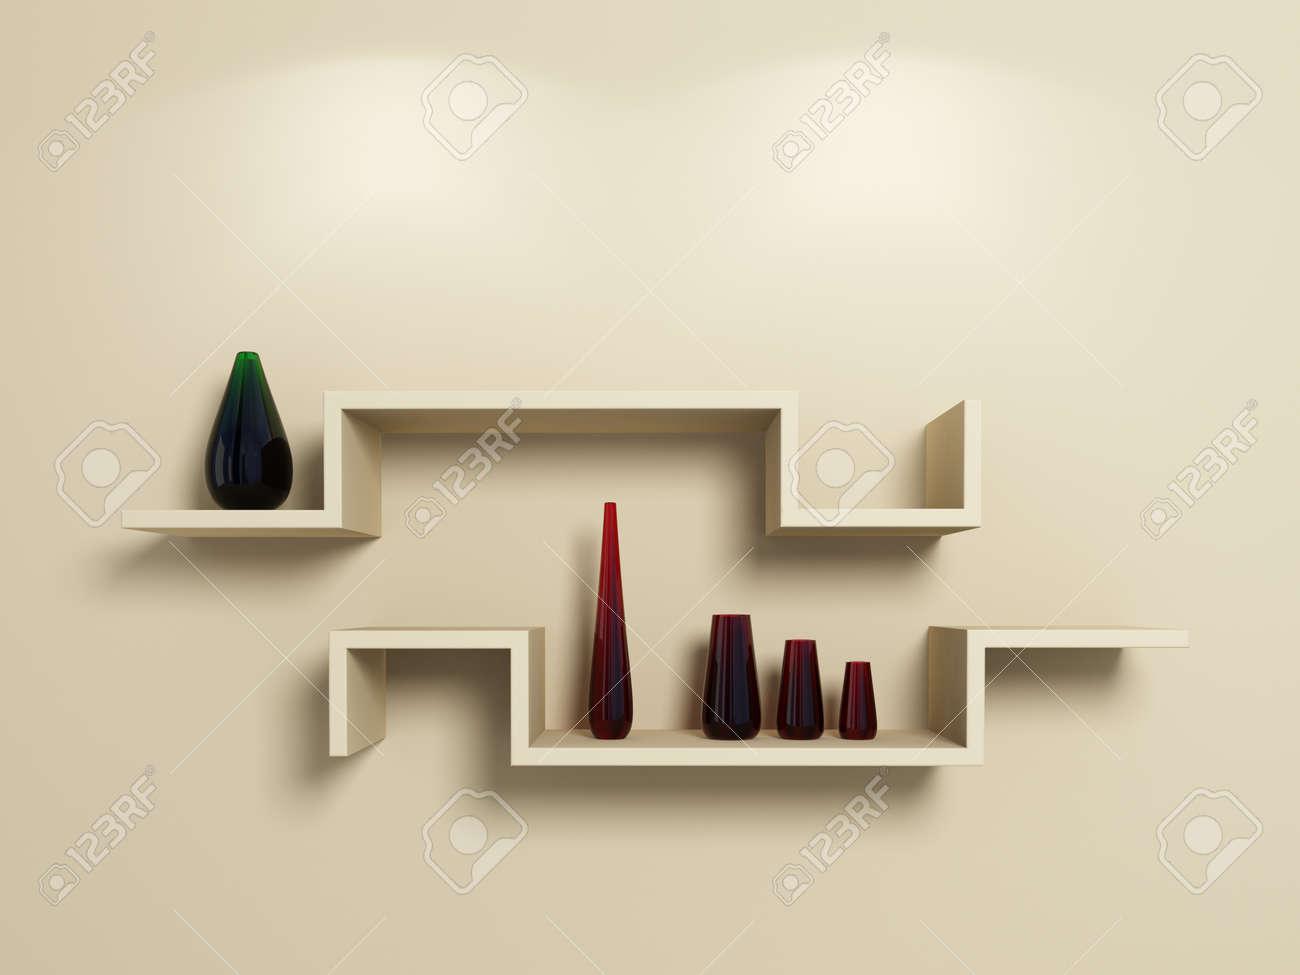 estantes modernos en la pared de color beige con rojo y verde cristalino vasesd